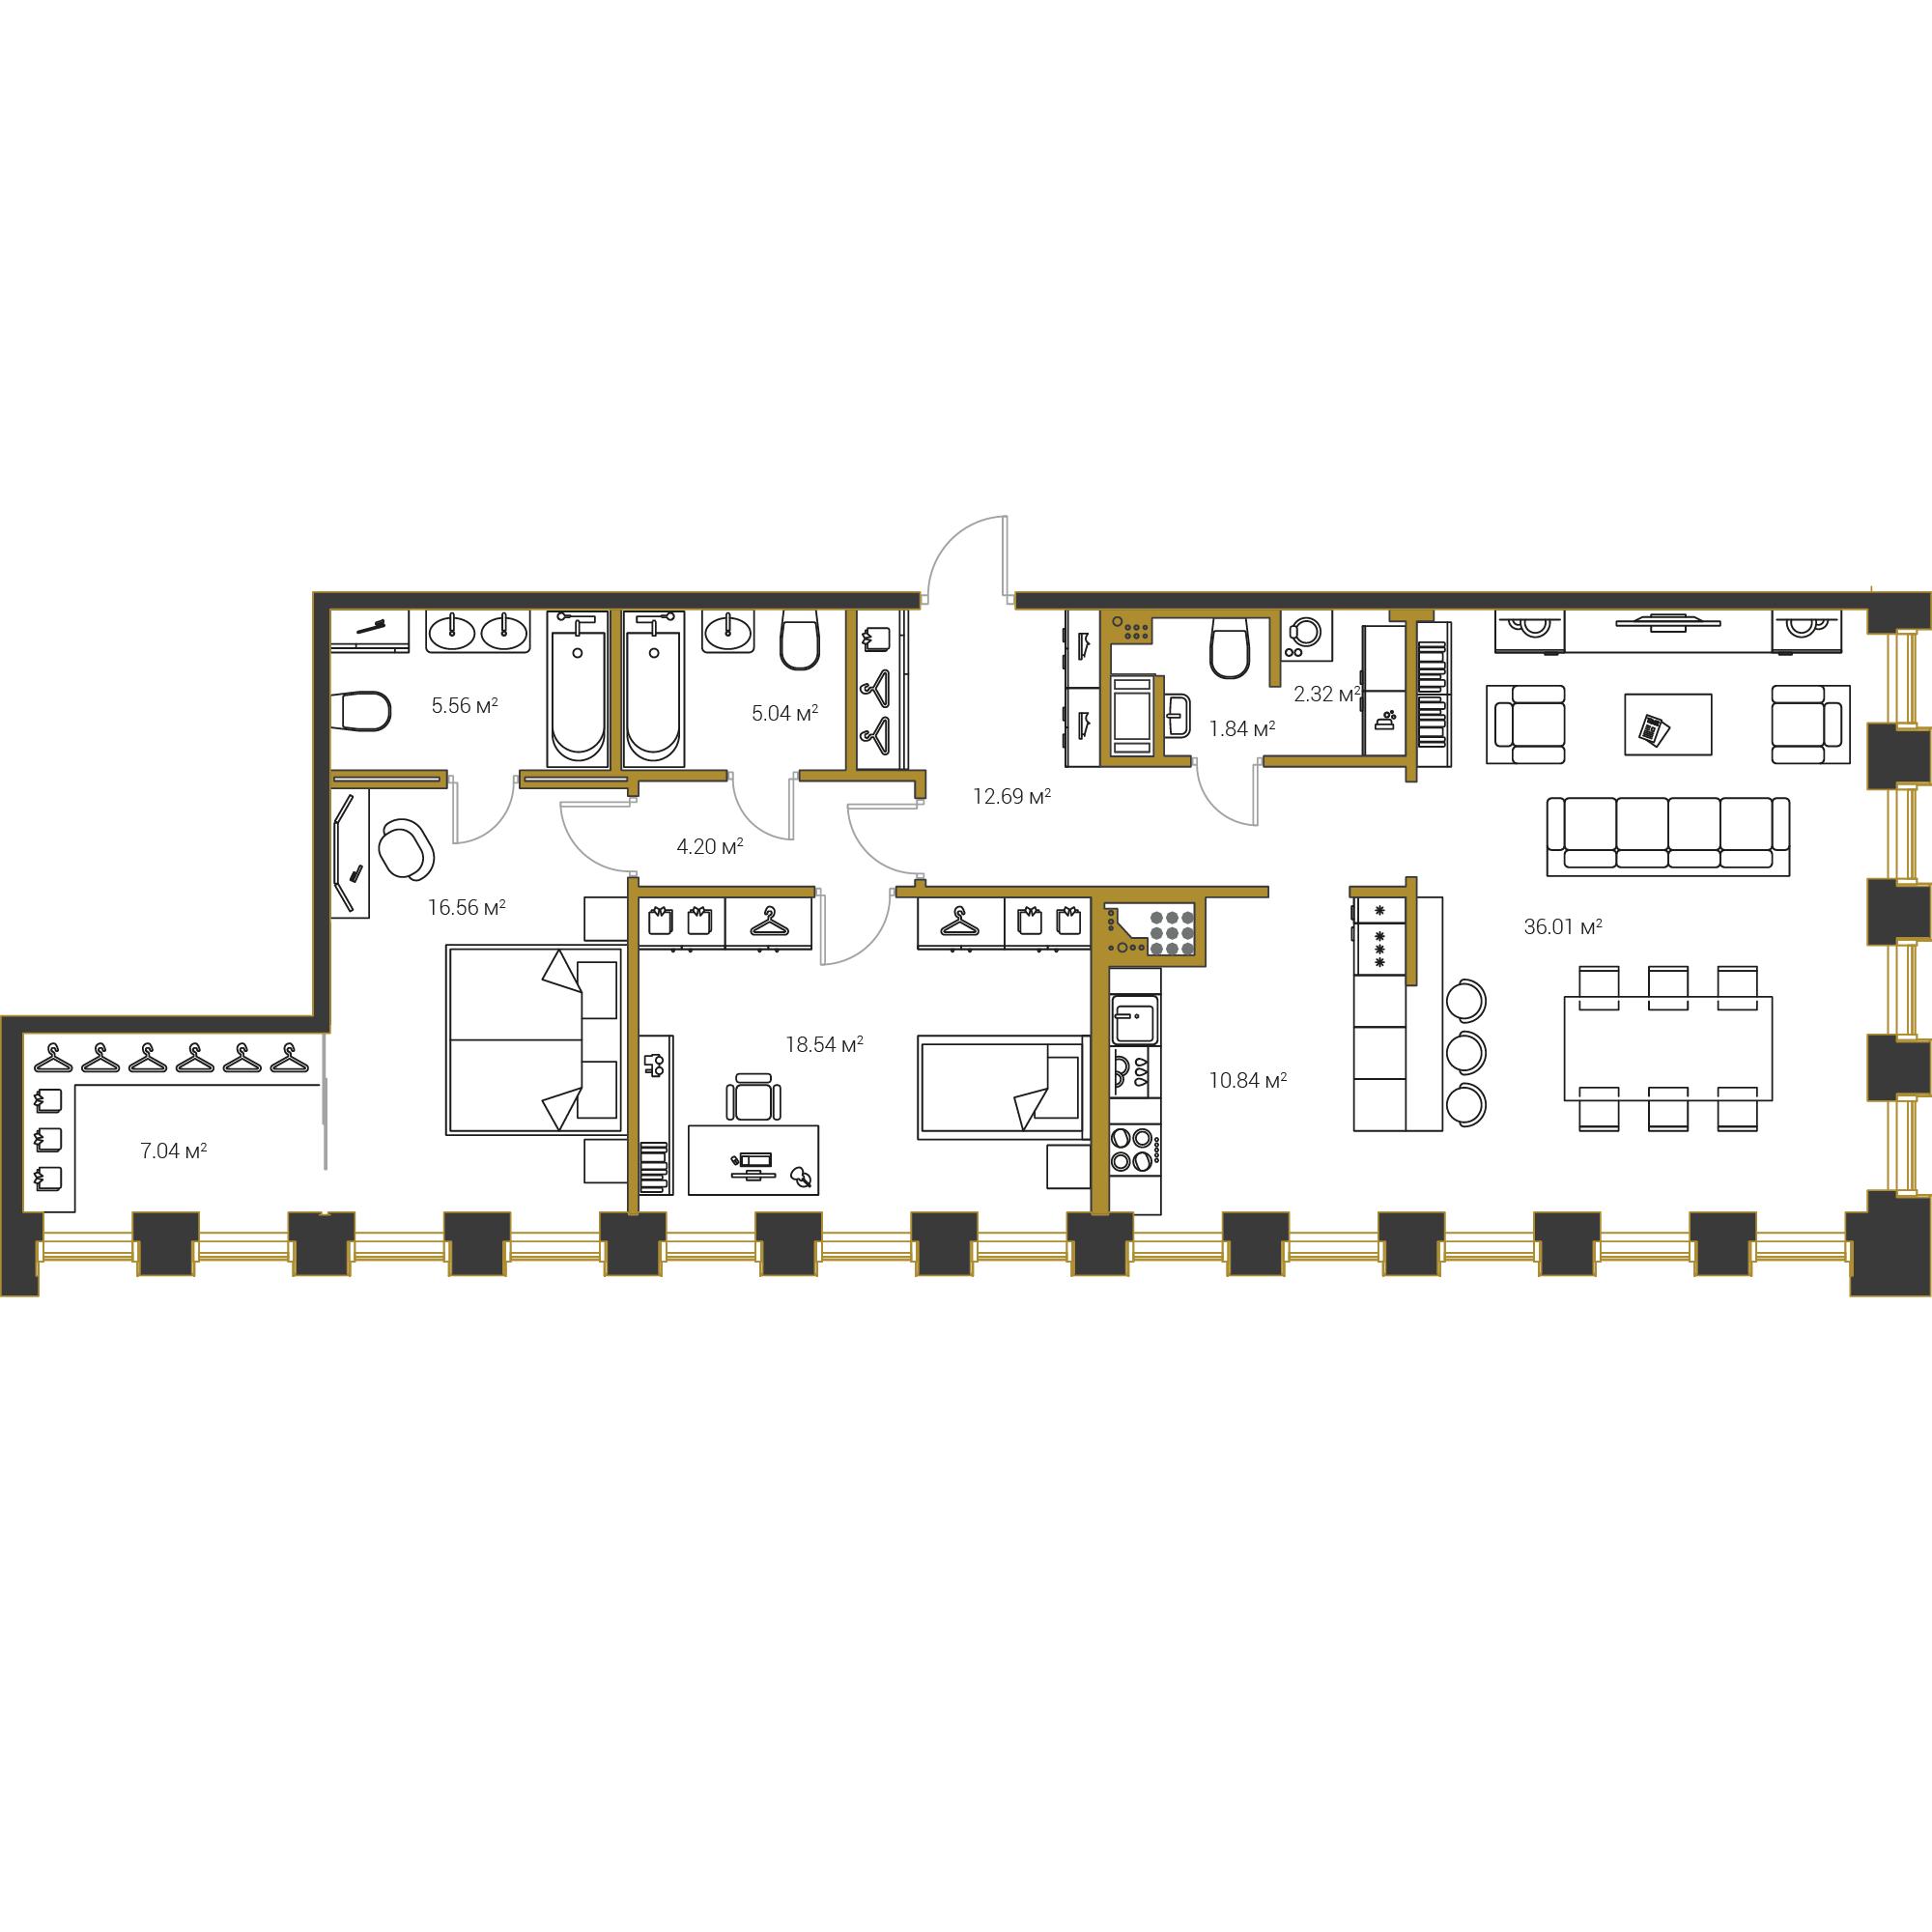 2-комнатная квартира №16 в: Институтский,16: 120.64 м²; этаж: 11 - купить в Санкт-Петербурге